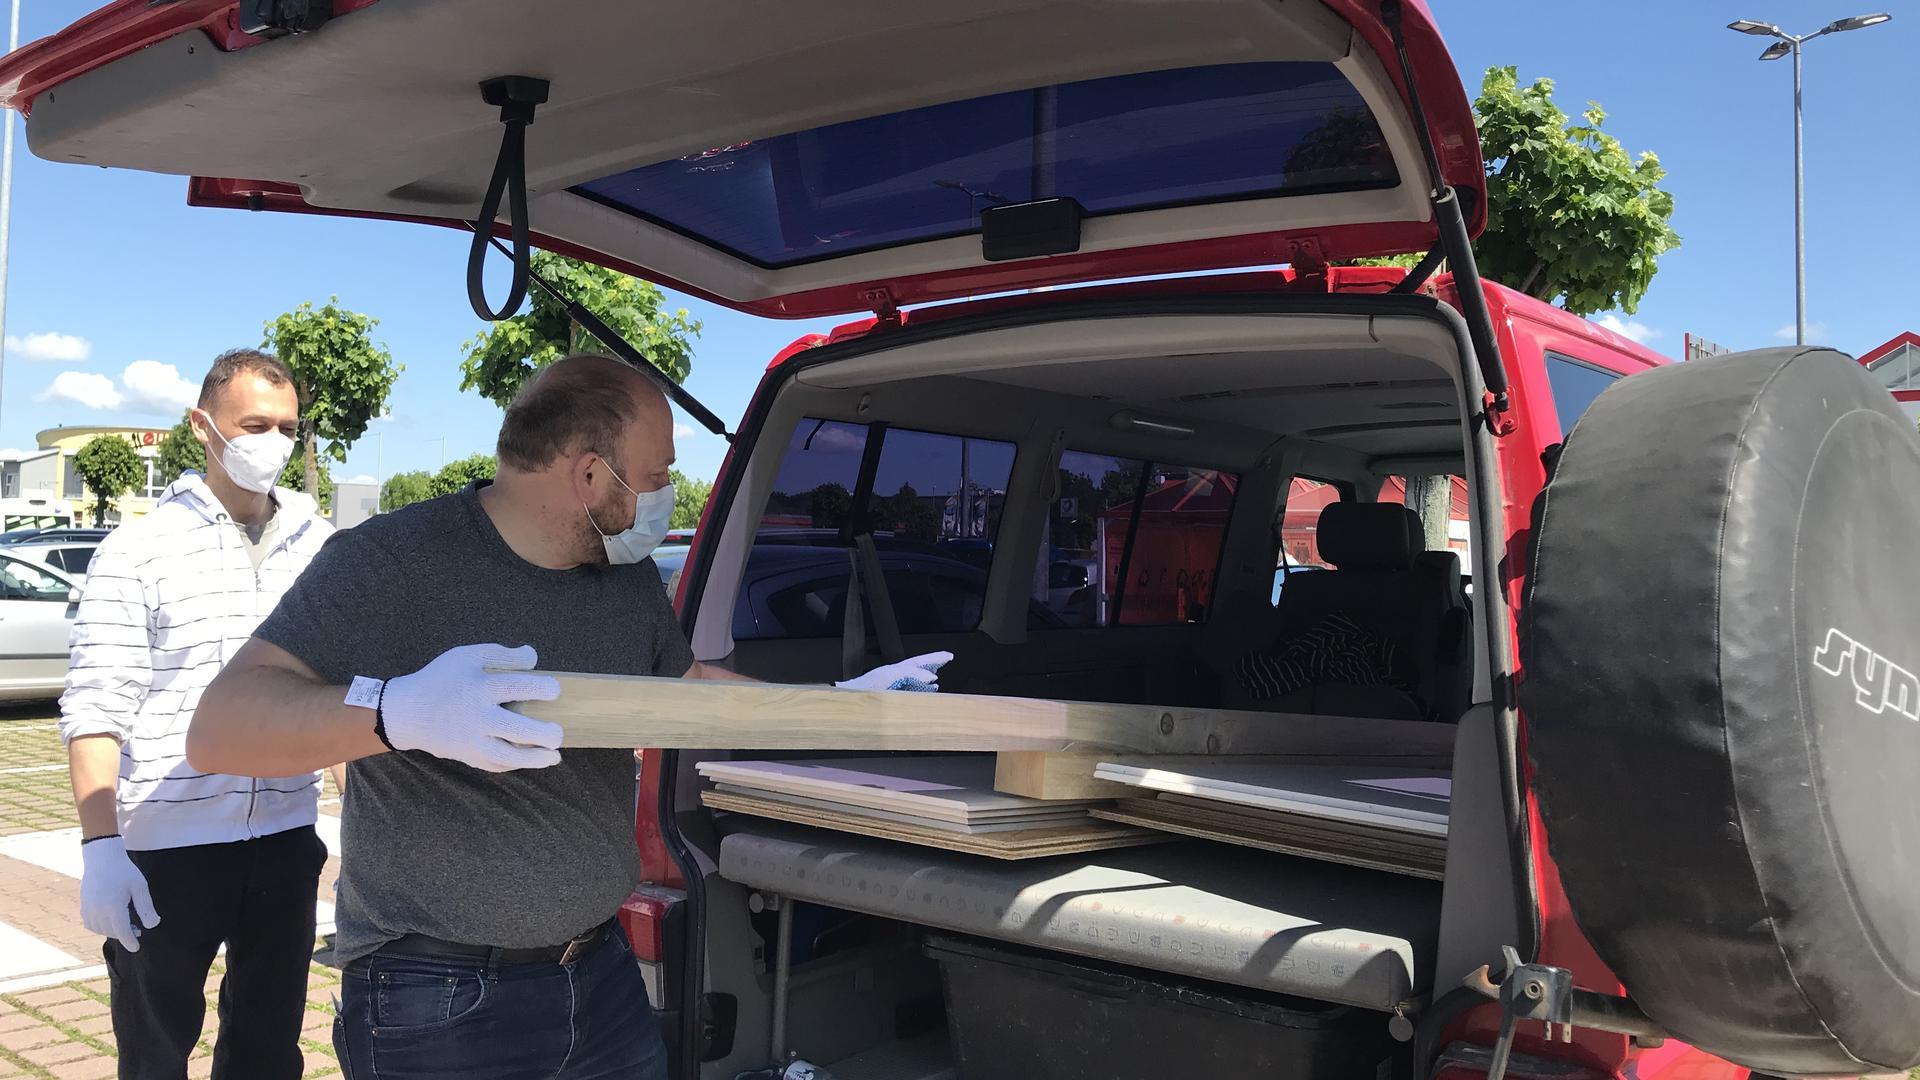 Ein Mann belädt einen Transporter mit Holzbalken